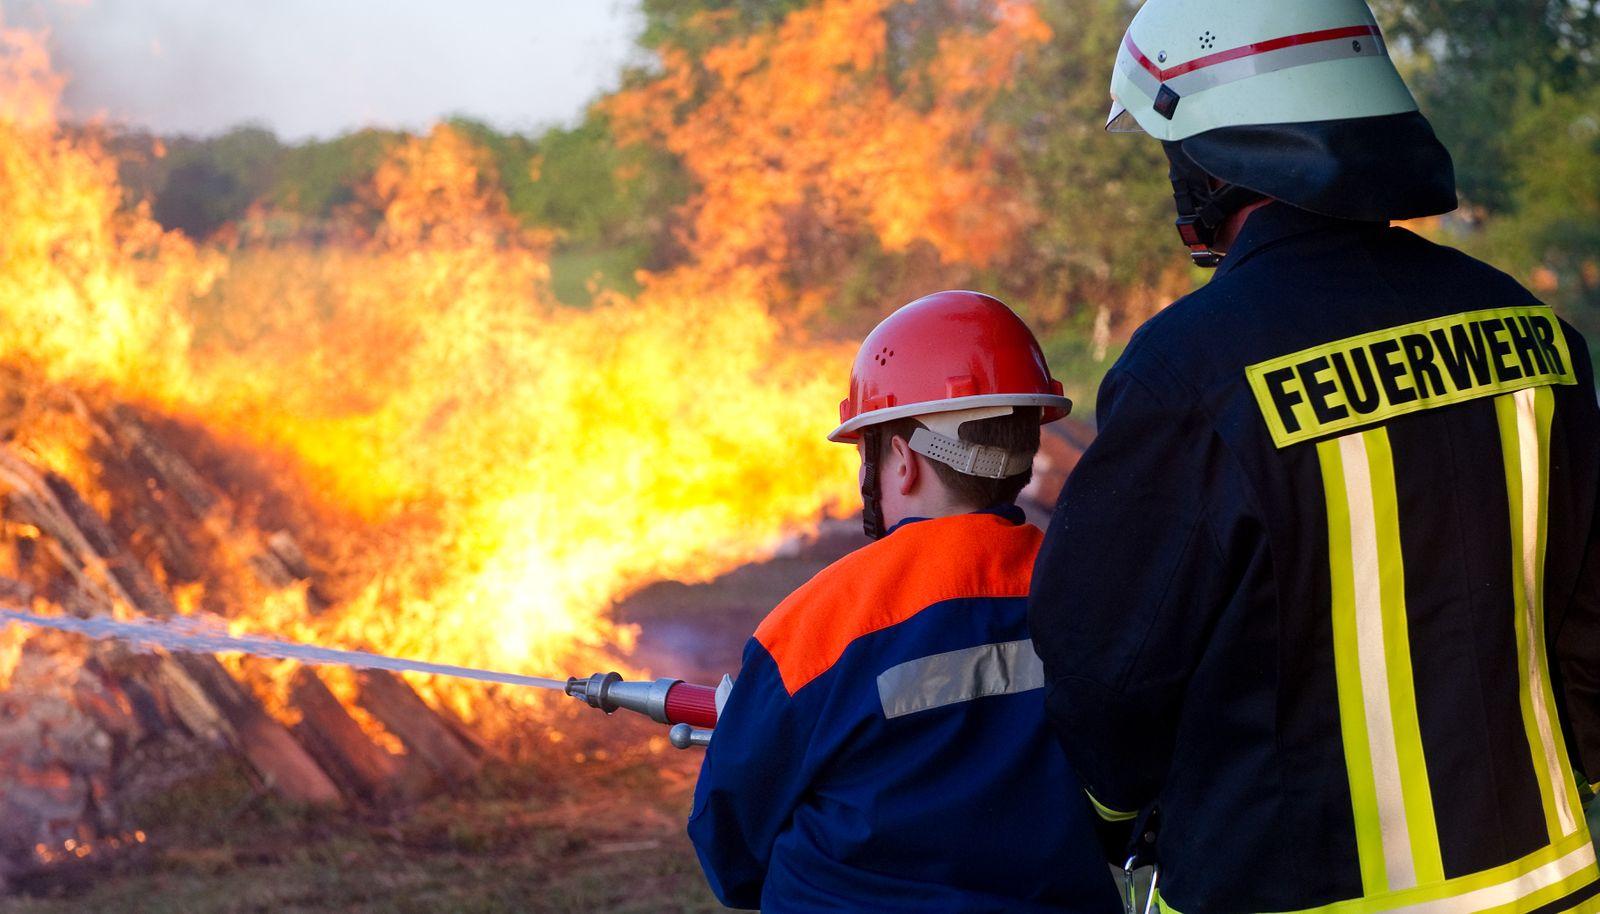 Feuerwehr Nachwuchs / Brand Löschen